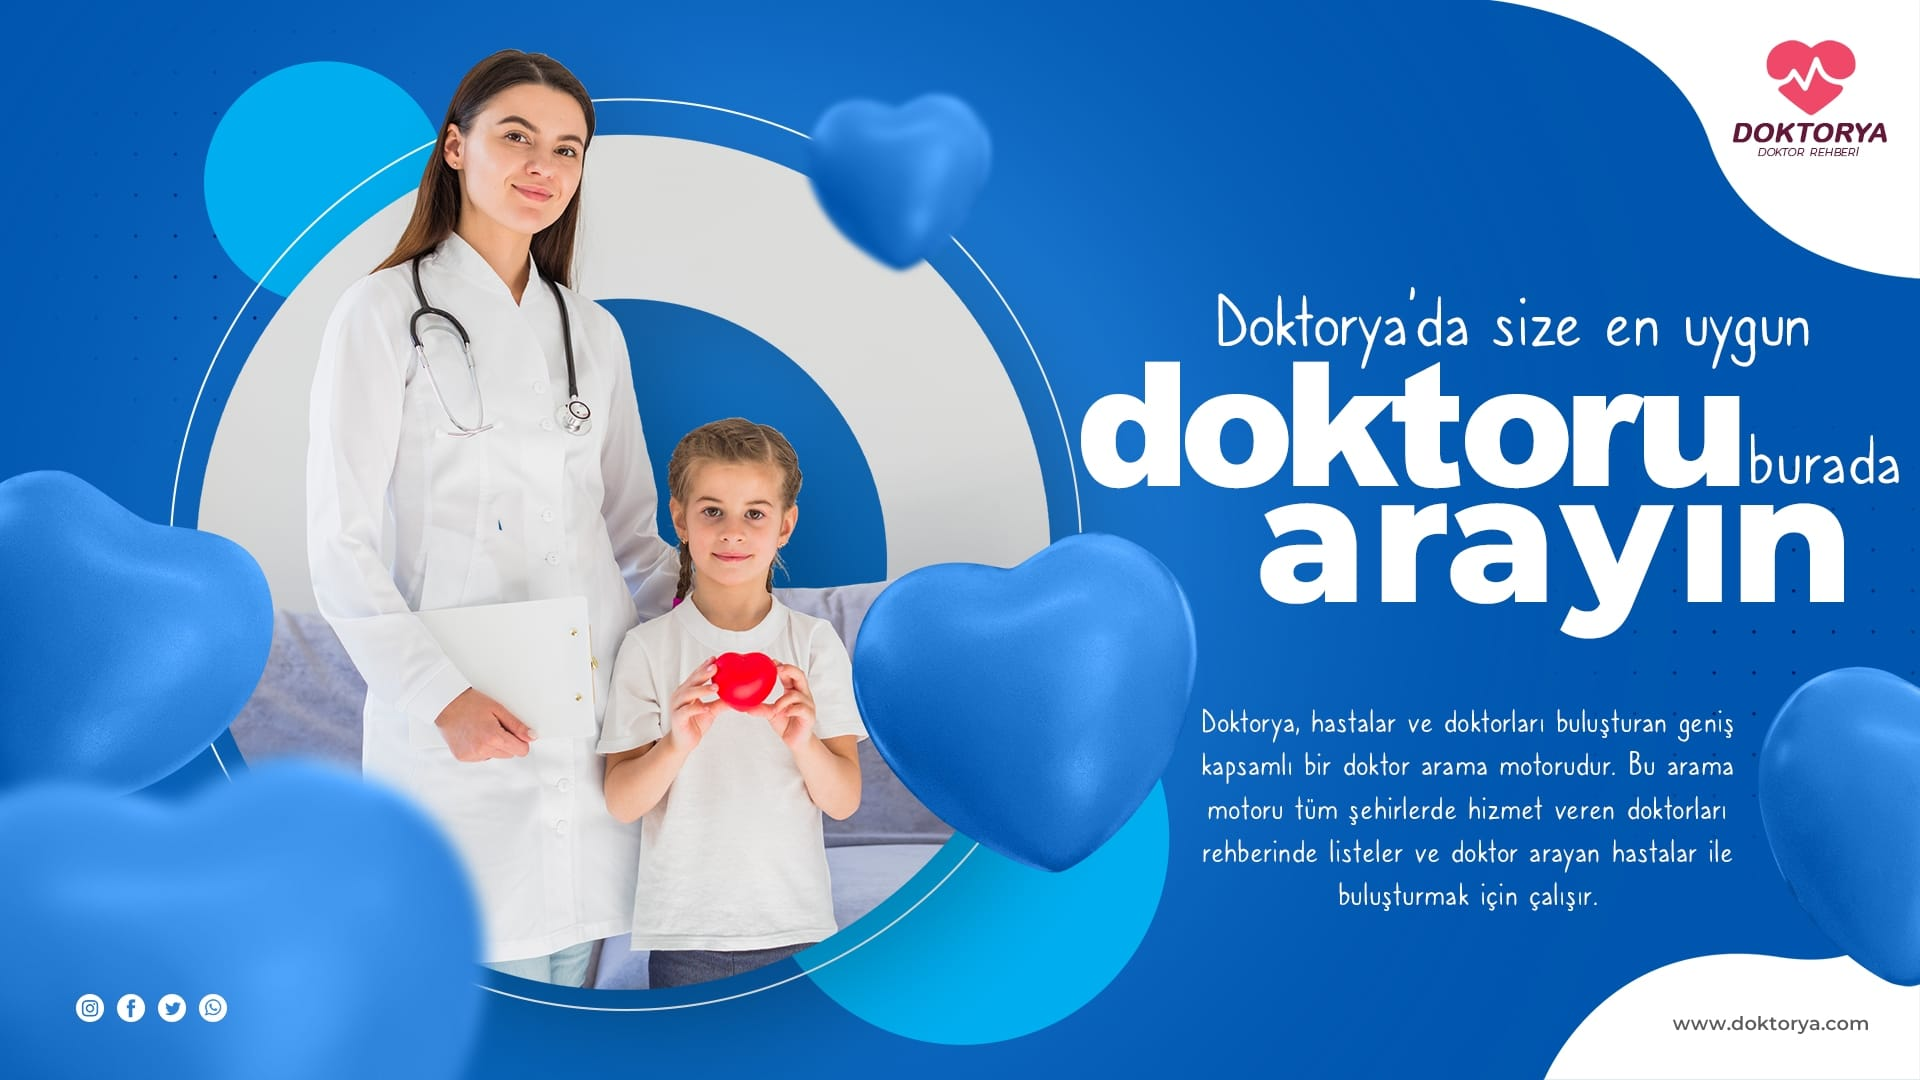 Türkiye'nin Doktor Rehberi